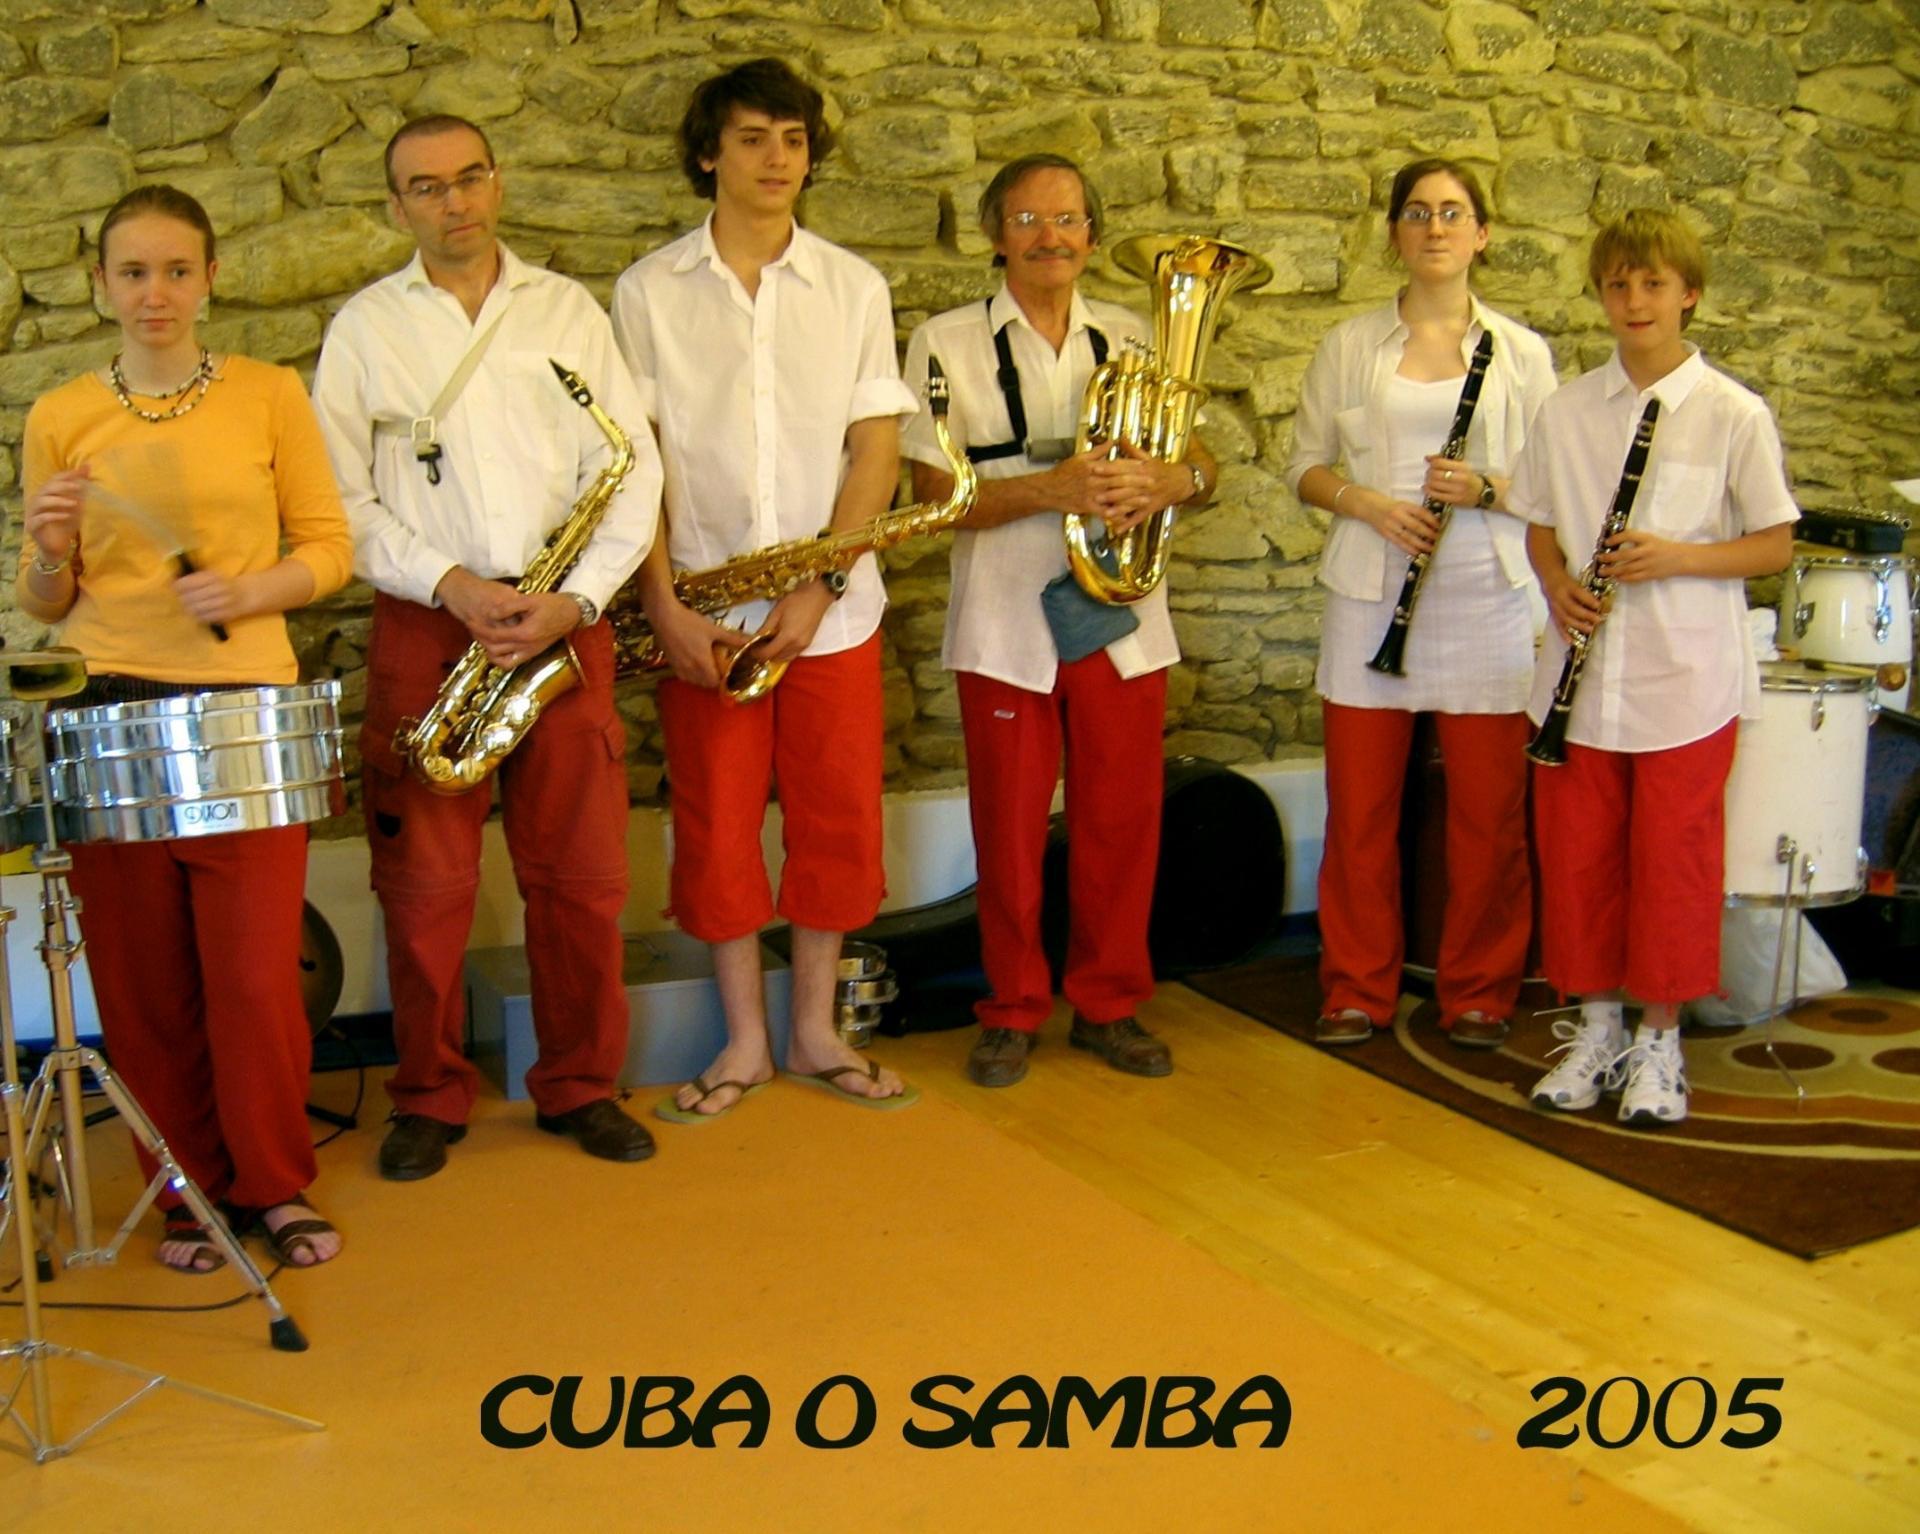 O samba